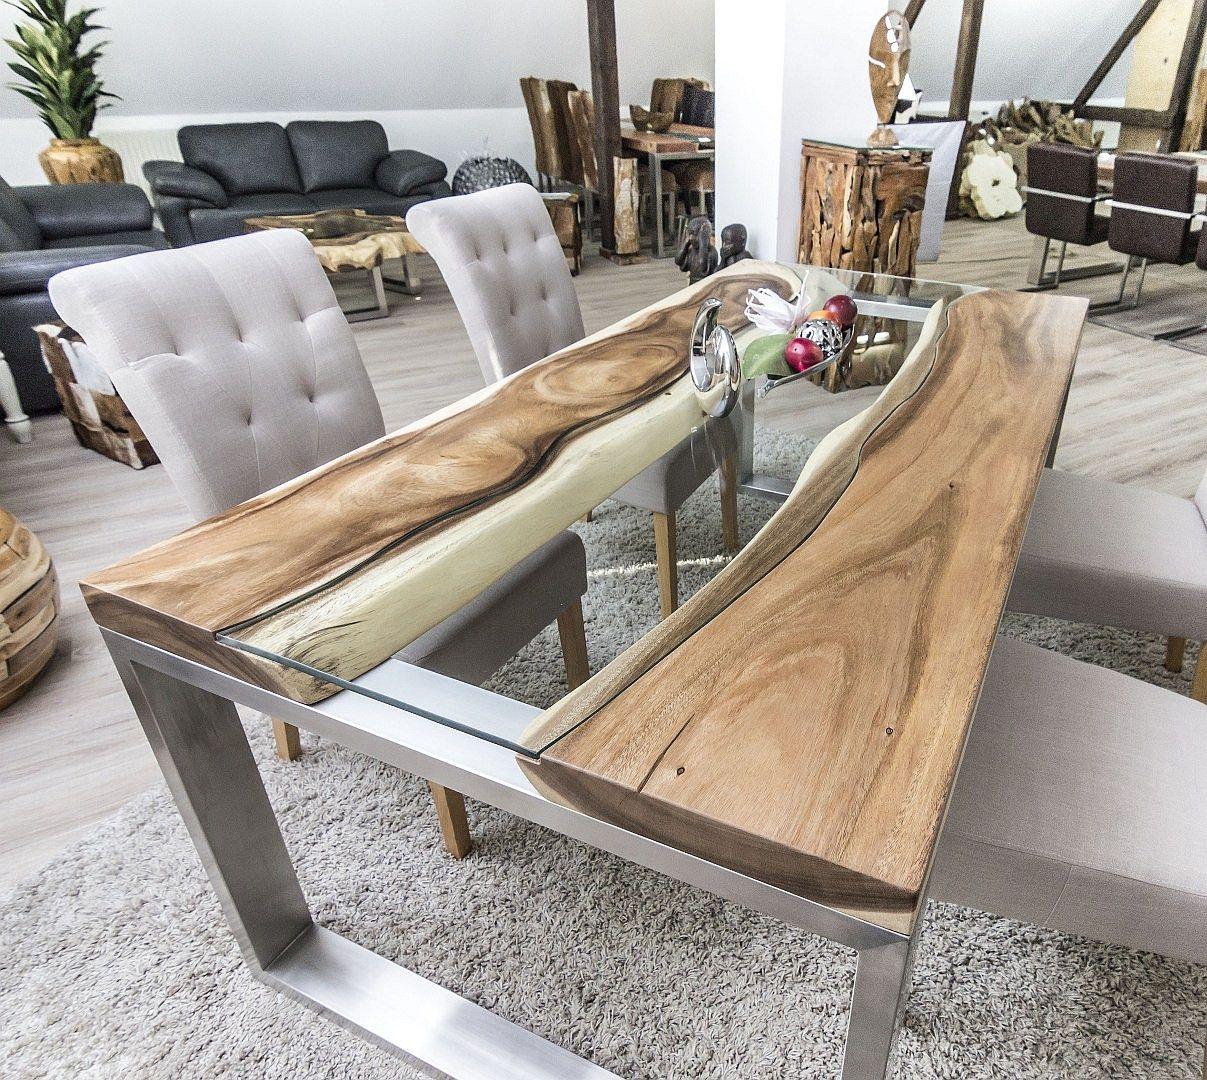 DER TISCHONKEL  Designertisch Massivholztisch mit Glas und Edelstahl  live egde tableraw